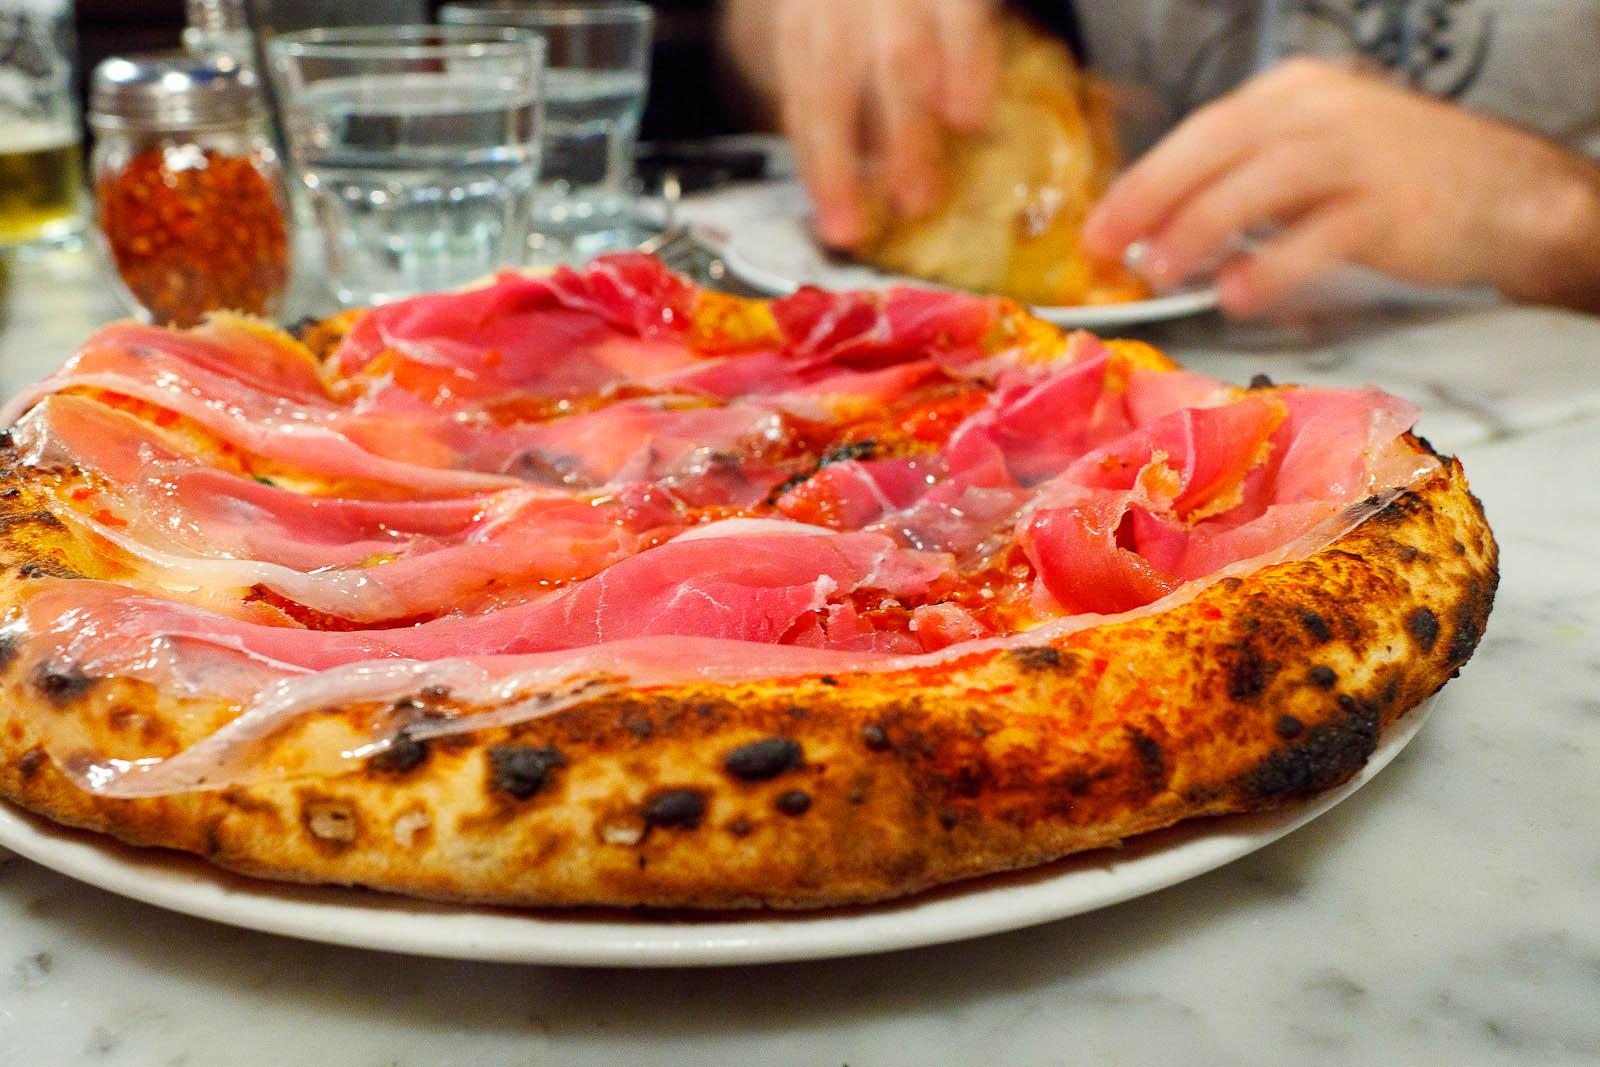 Pizza Soppressata Piccante - tomato, fior di latte, red pepper flakes, garlic ($15)